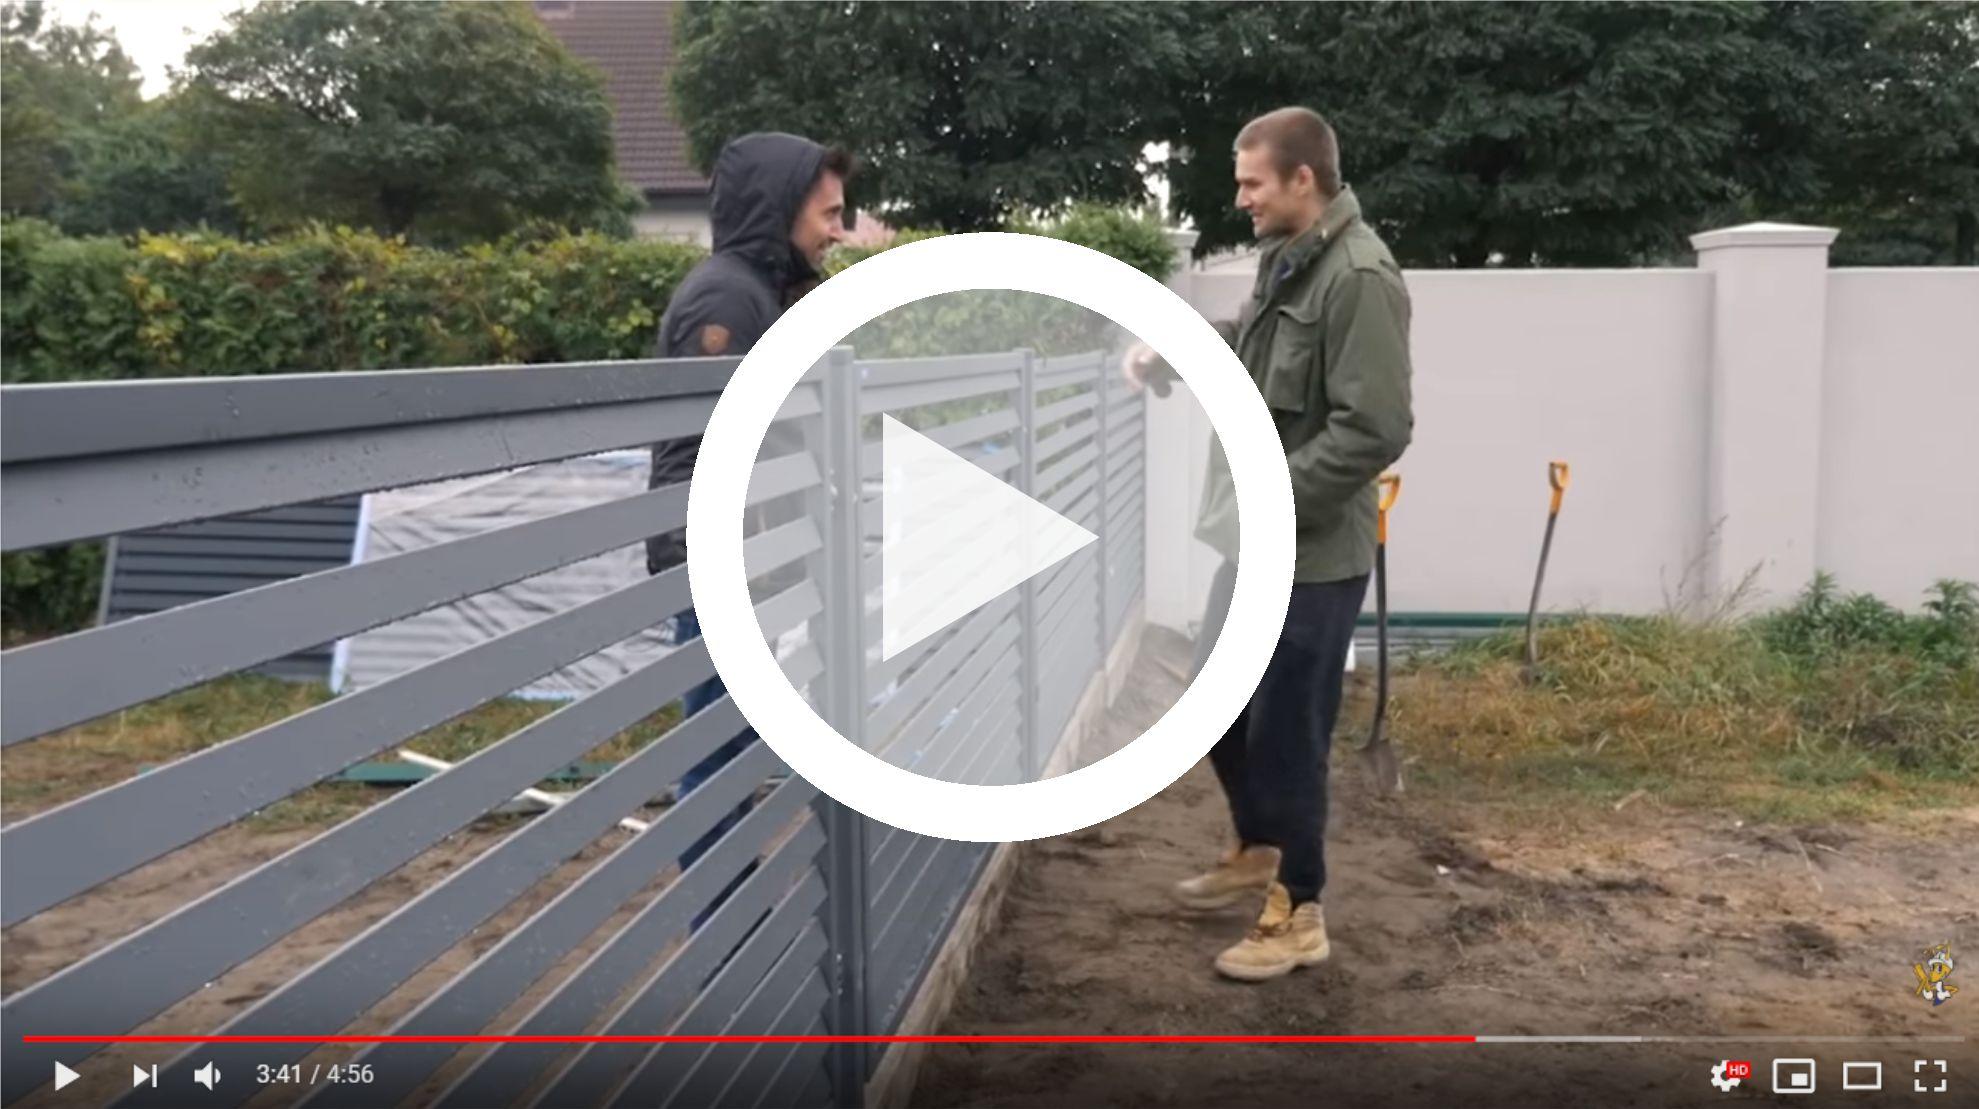 jak-wybrac-i-zamontowac-ogrodzenie-wizyta-u-adbustera